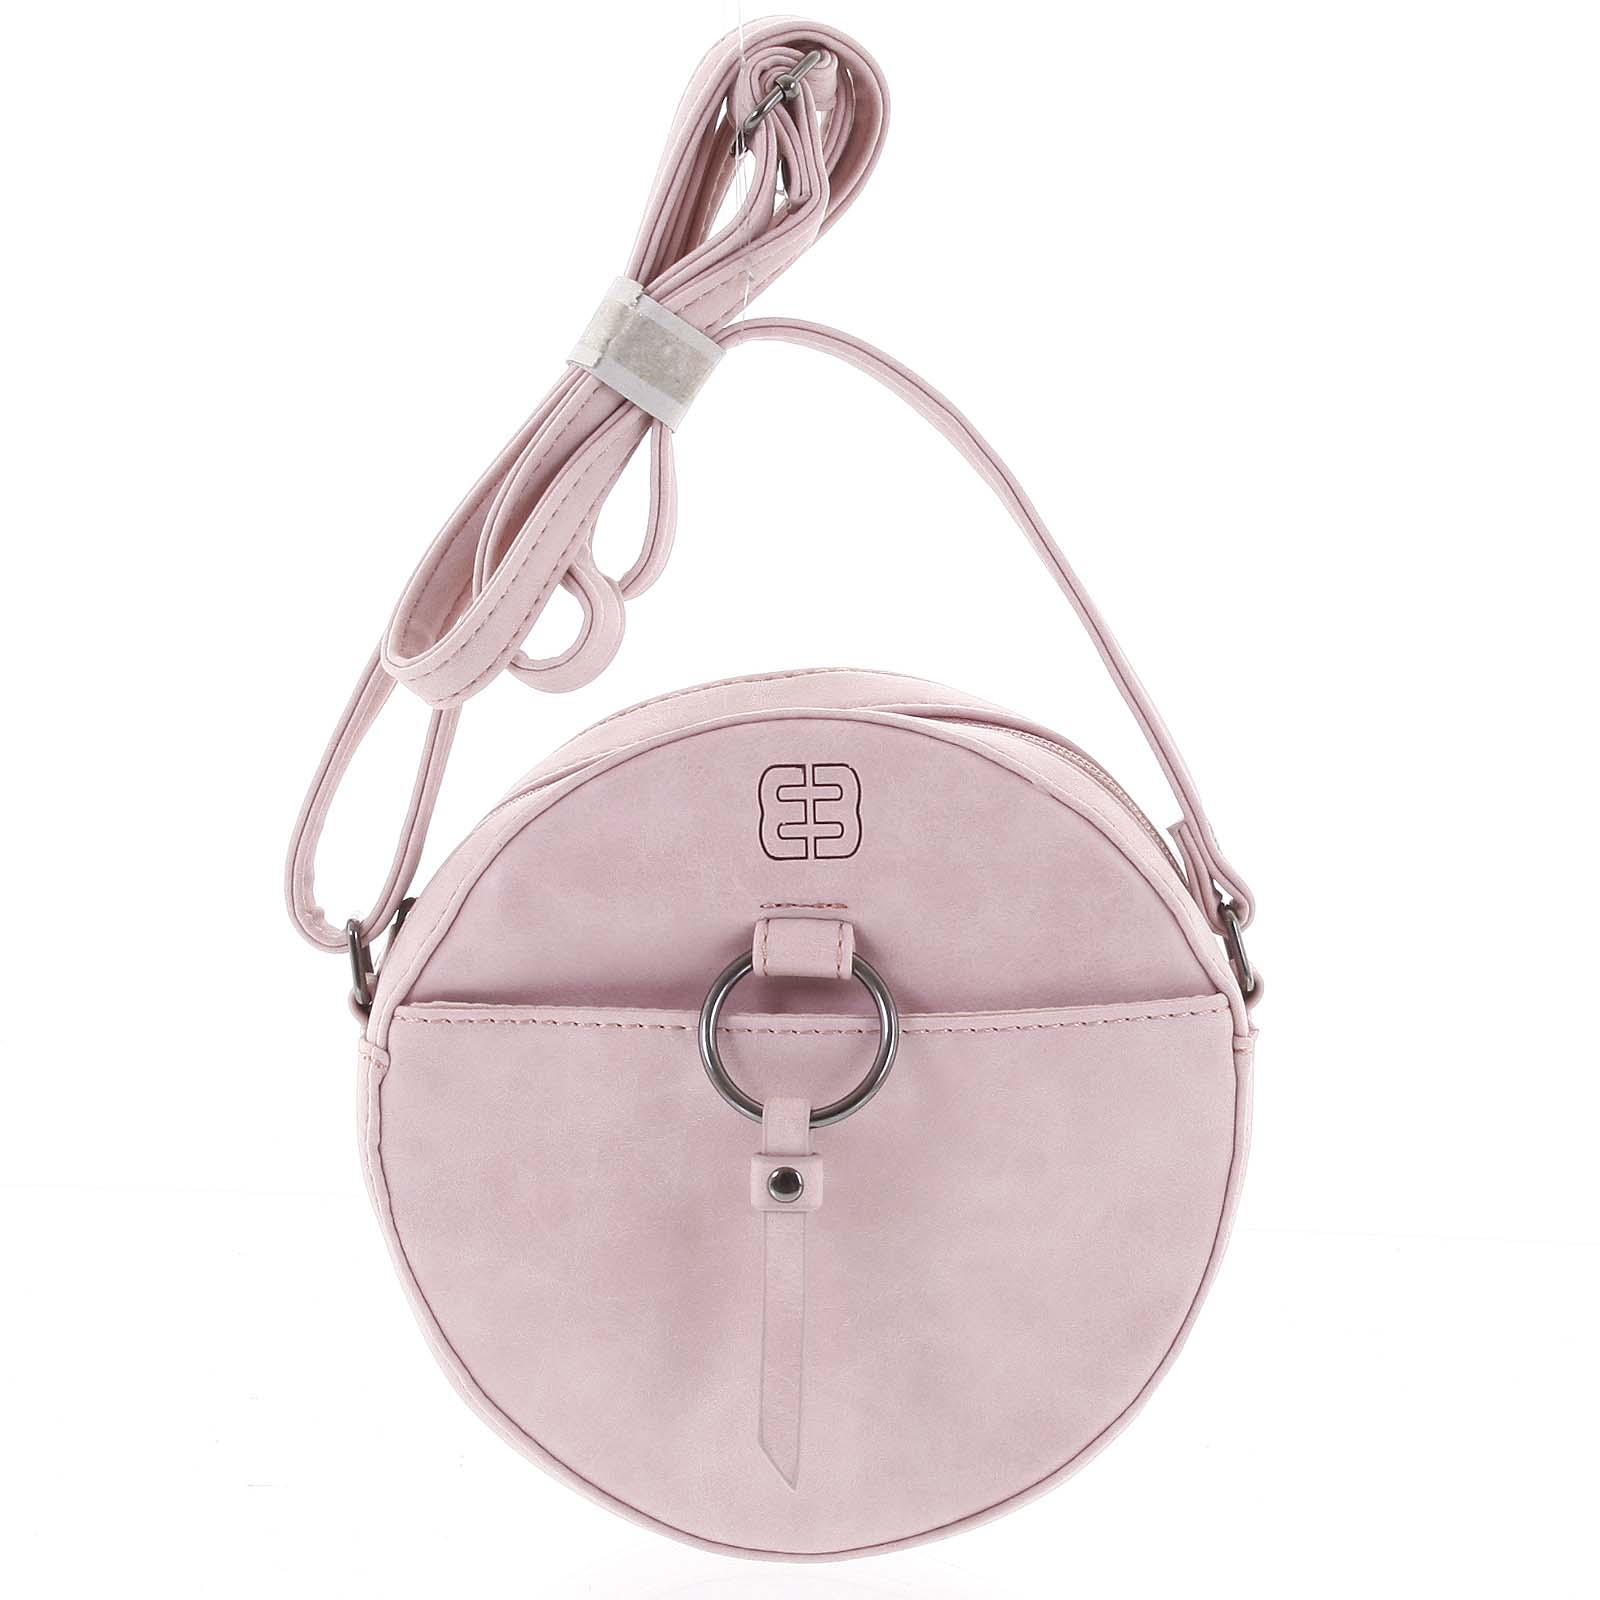 Kulatá moderní dámská crossbody kabelka růžová - Enrico Benetti Behesha